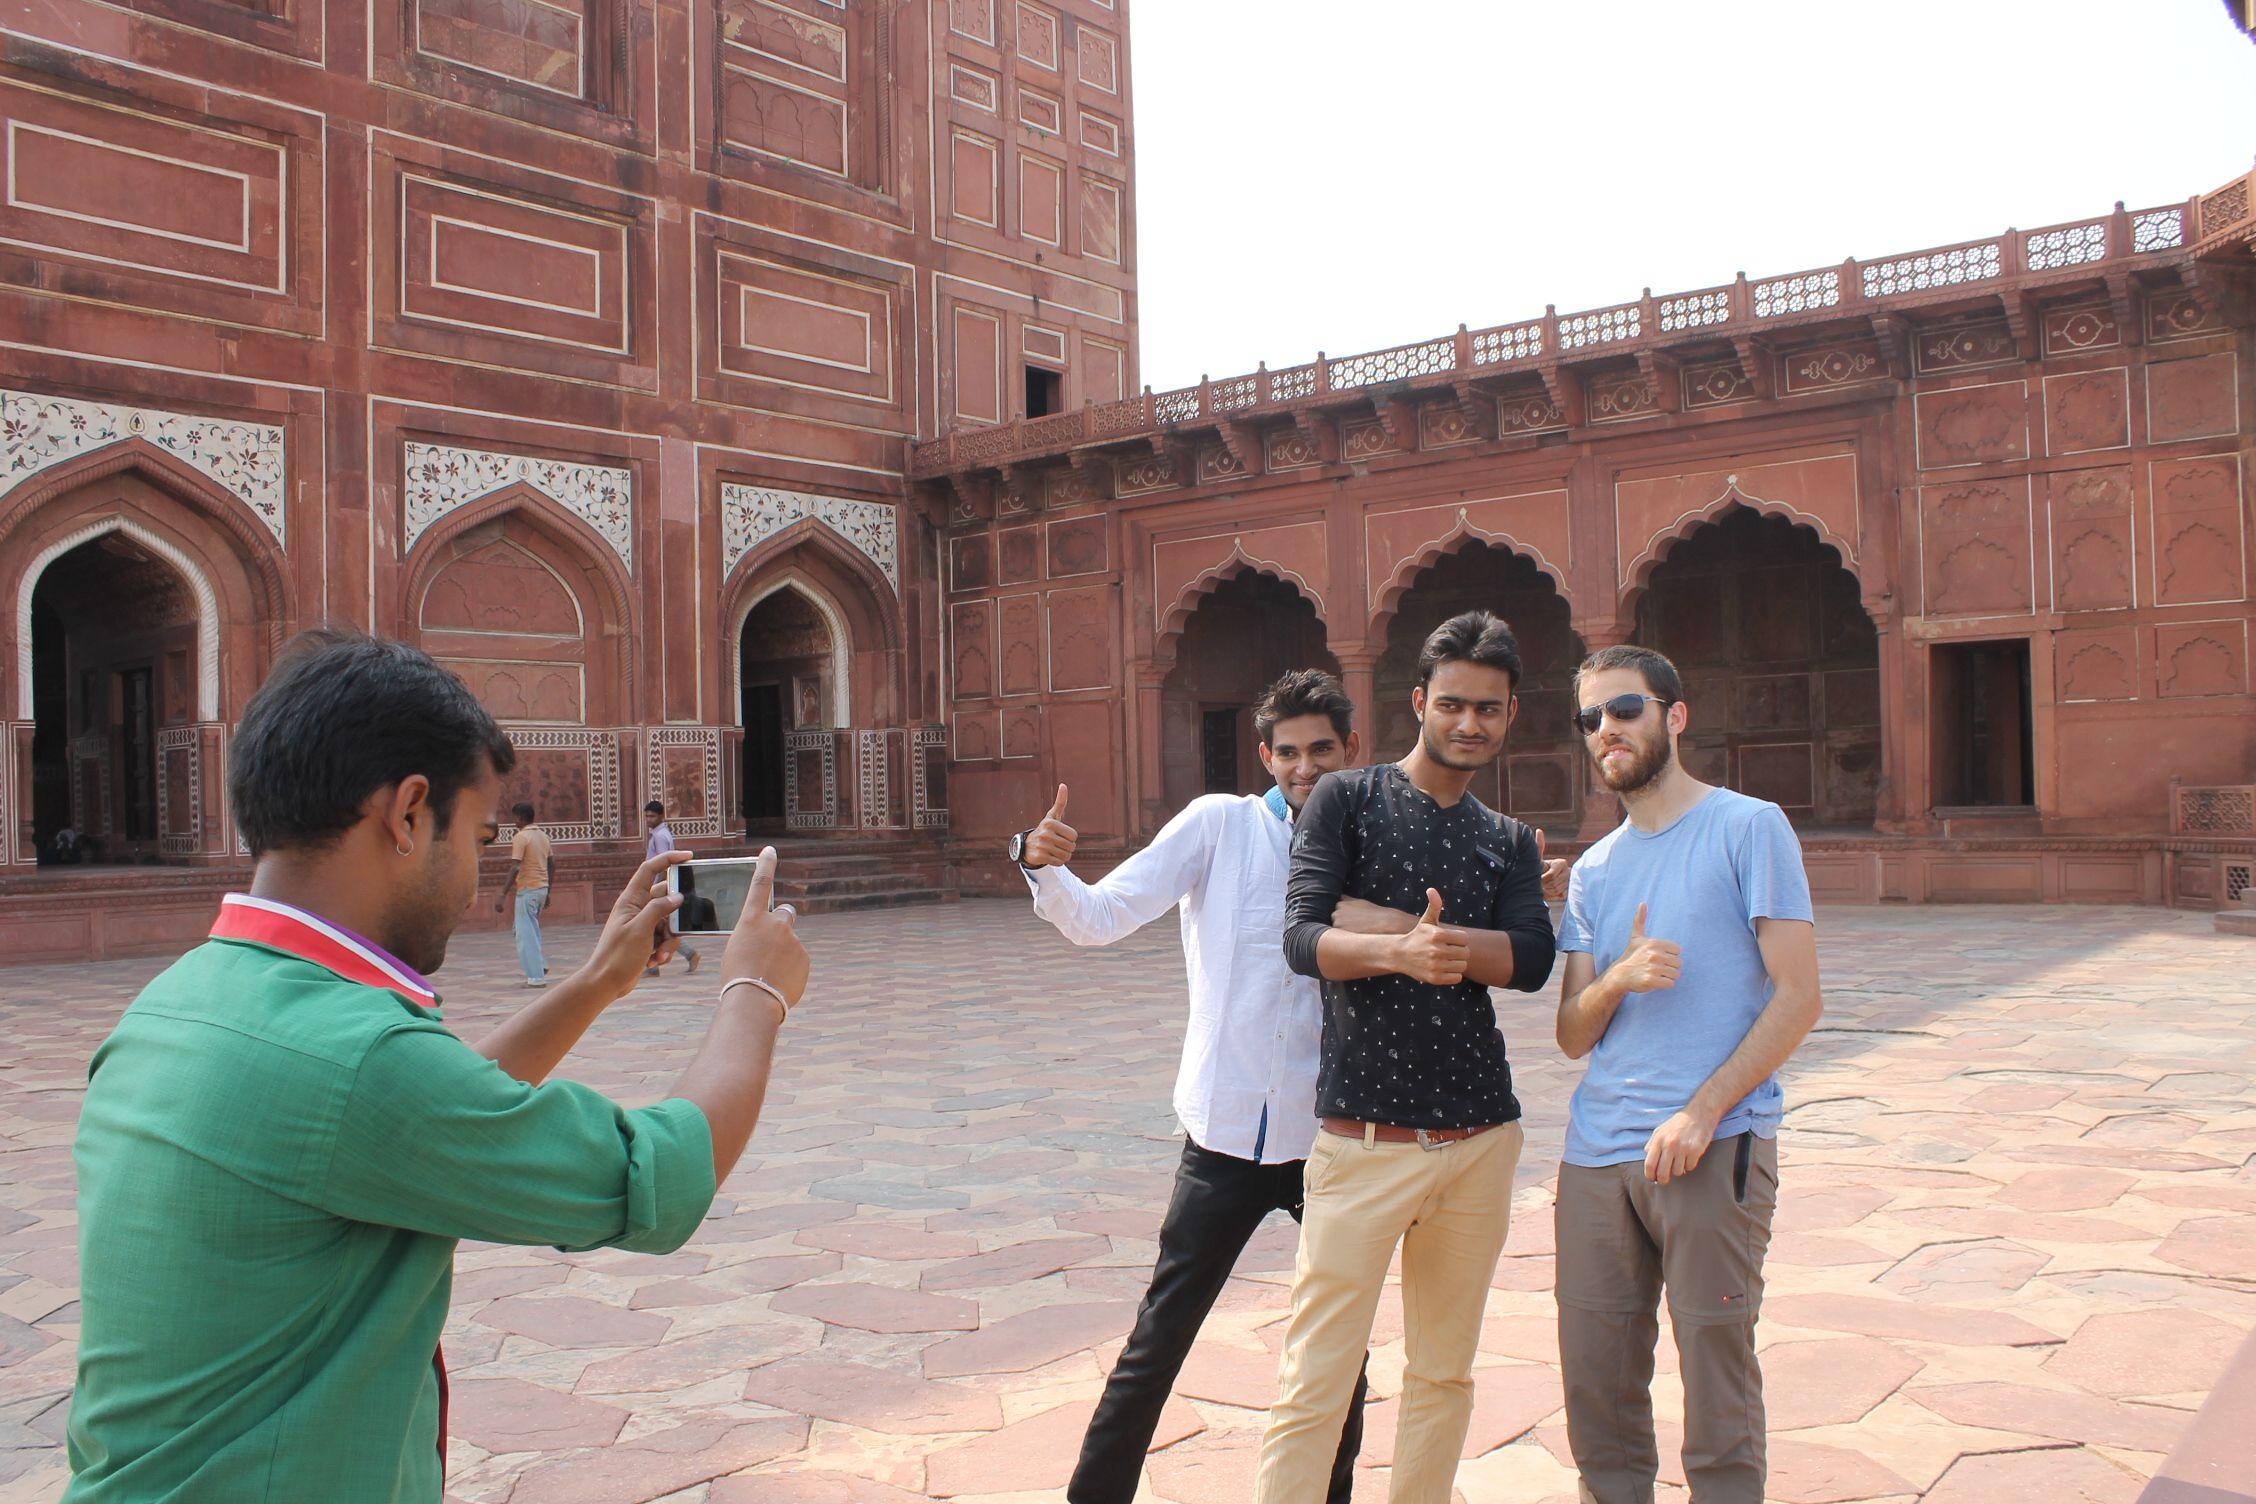 Dani fotografíado con unos 'amigos' indios en la mezquita del Taj Mahal